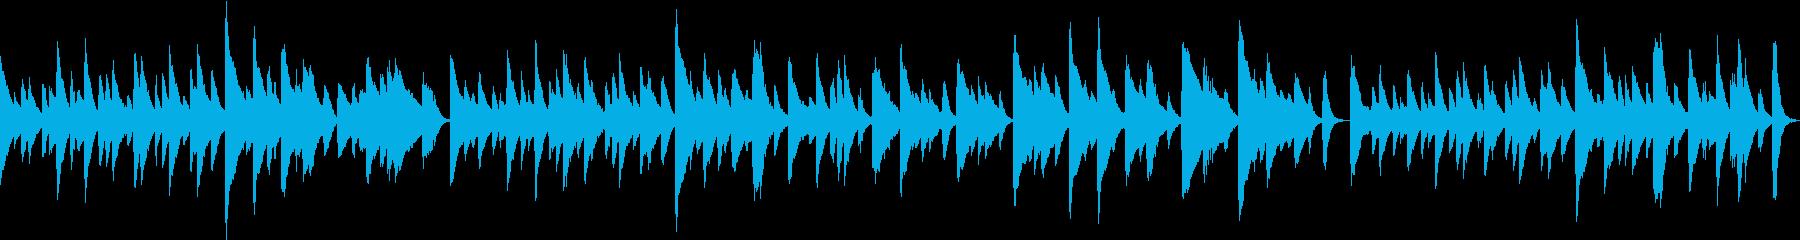 ノスタルジックなピアノソロBGMの再生済みの波形